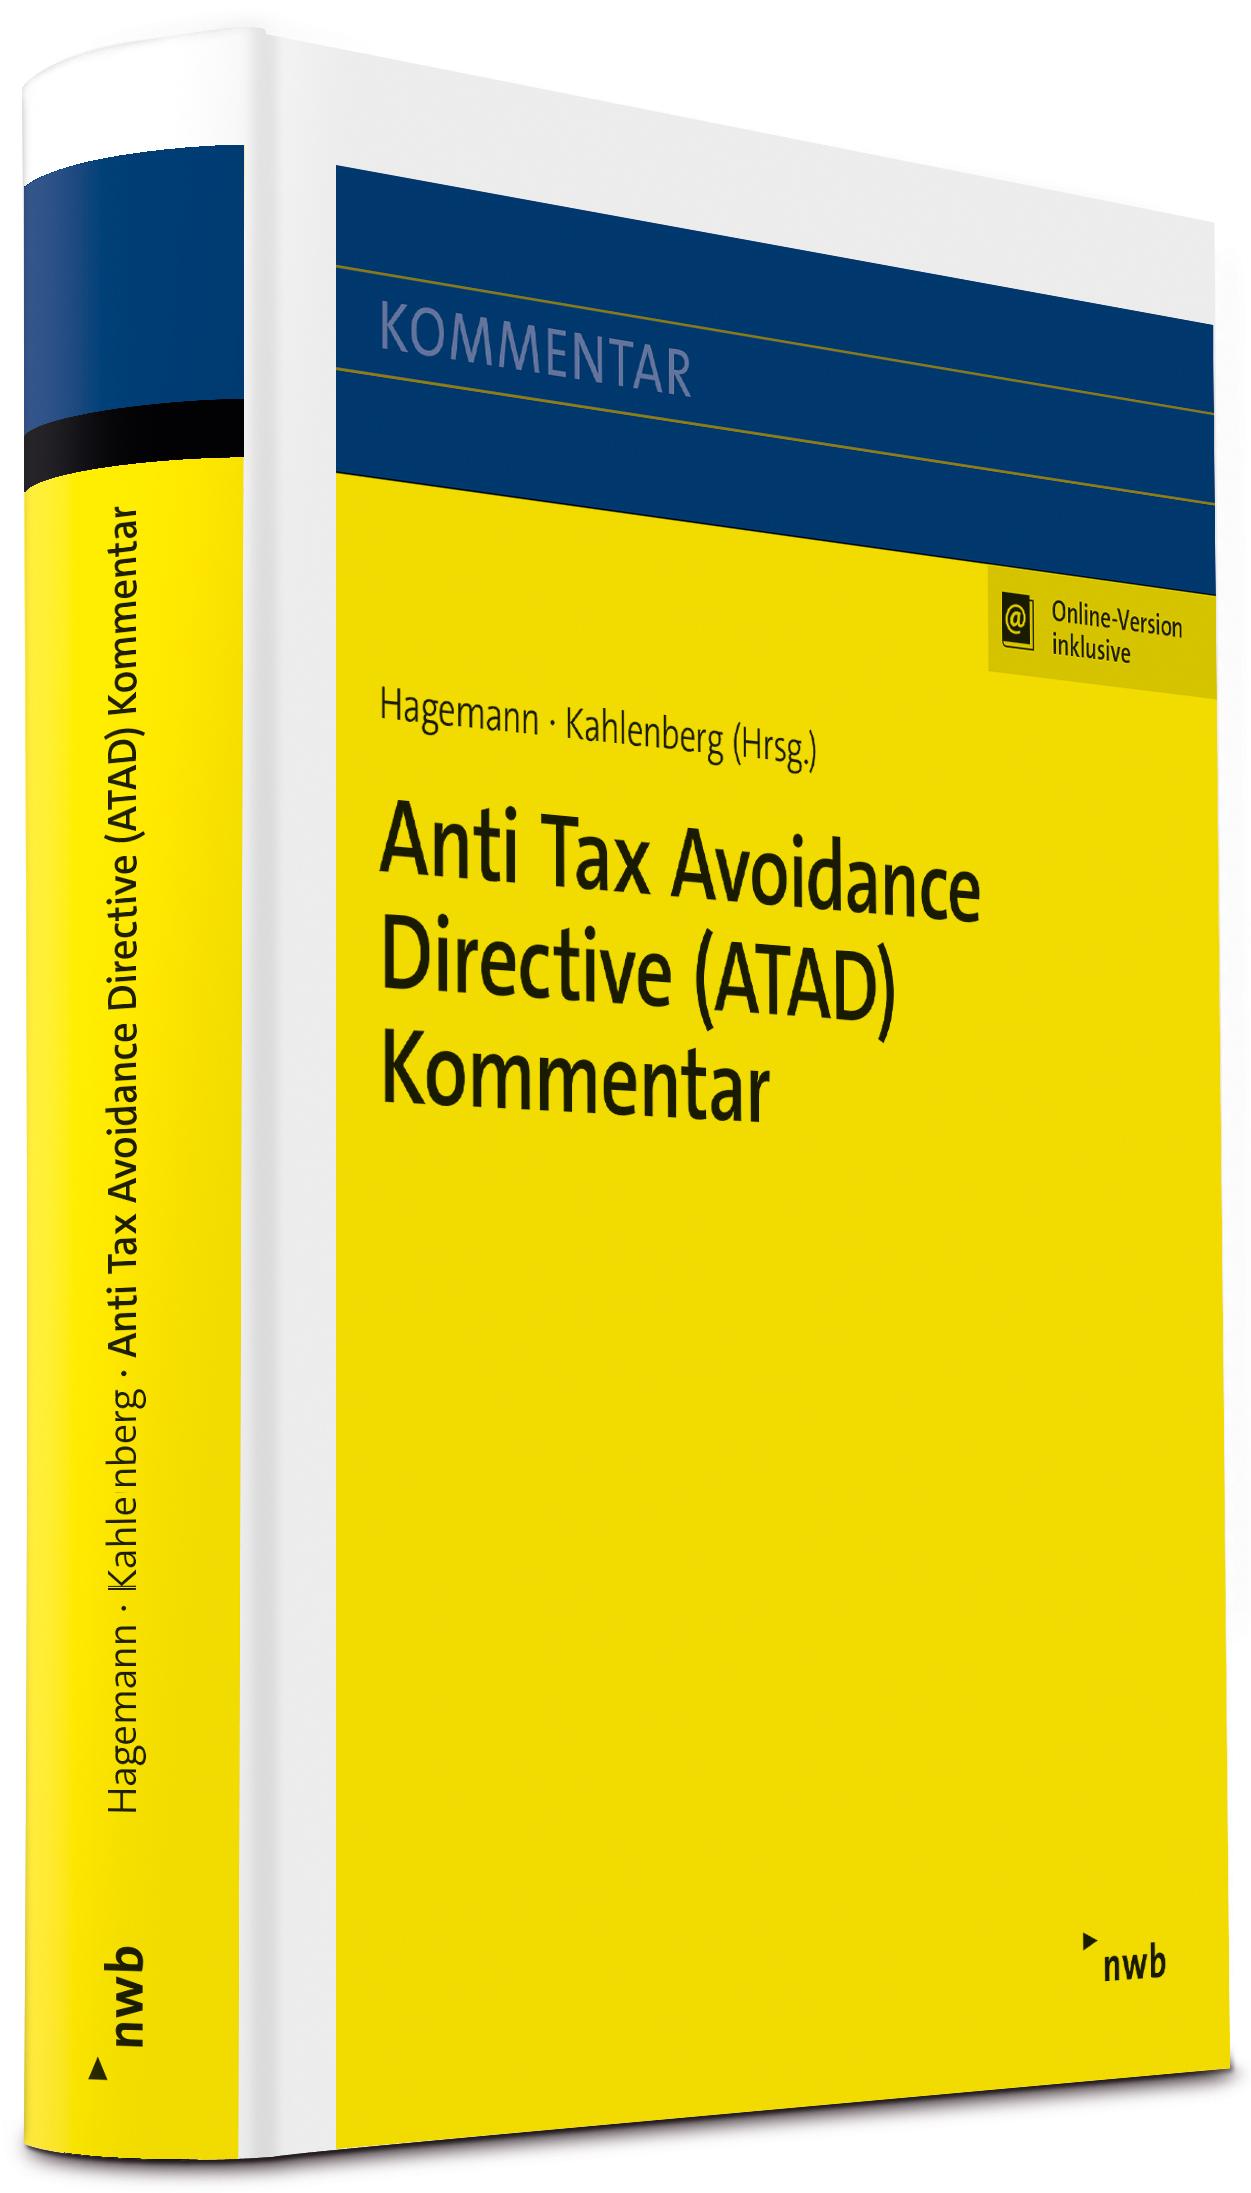 Anti Tax Avoidance Directive (ATAD) Kommentar